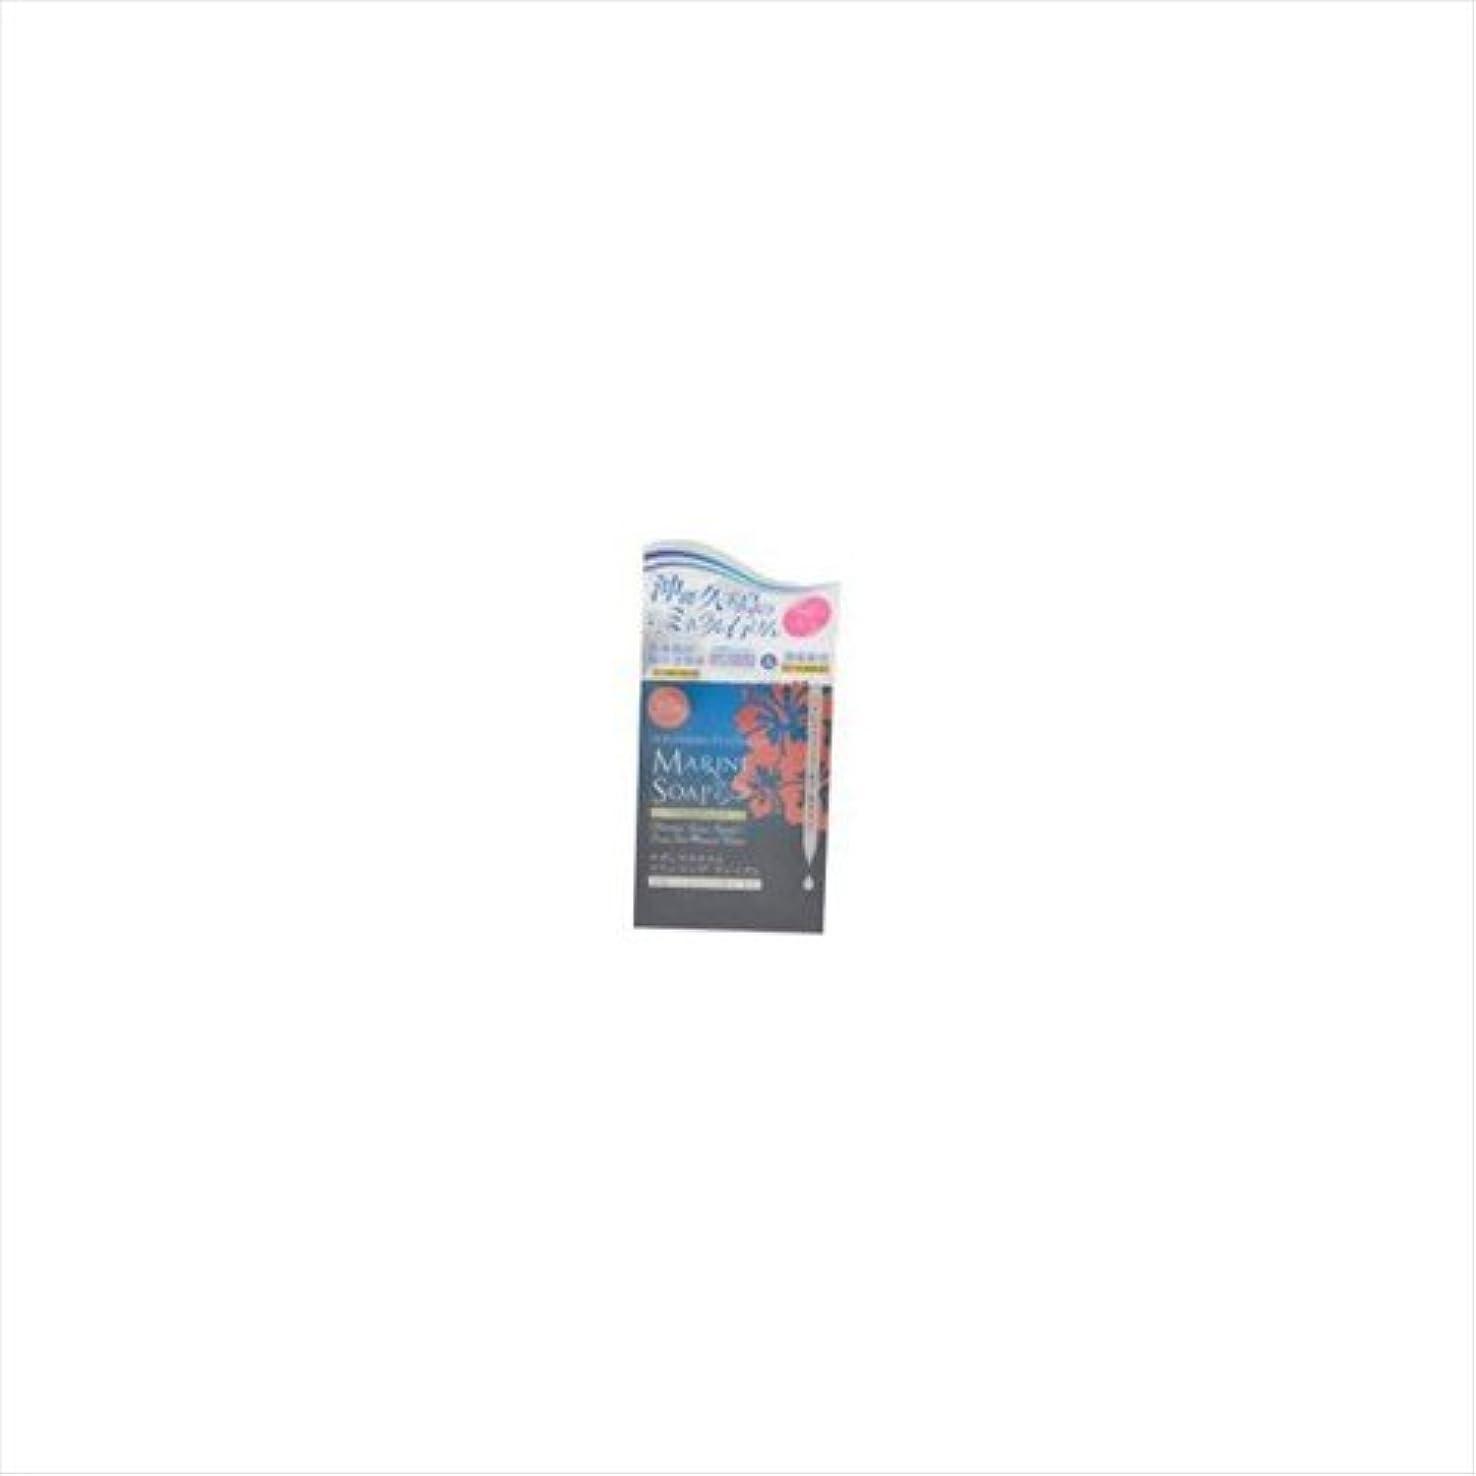 人口接続タンクサザンプラチナム マリンソープ プレミアム 60g 泡立てネット付